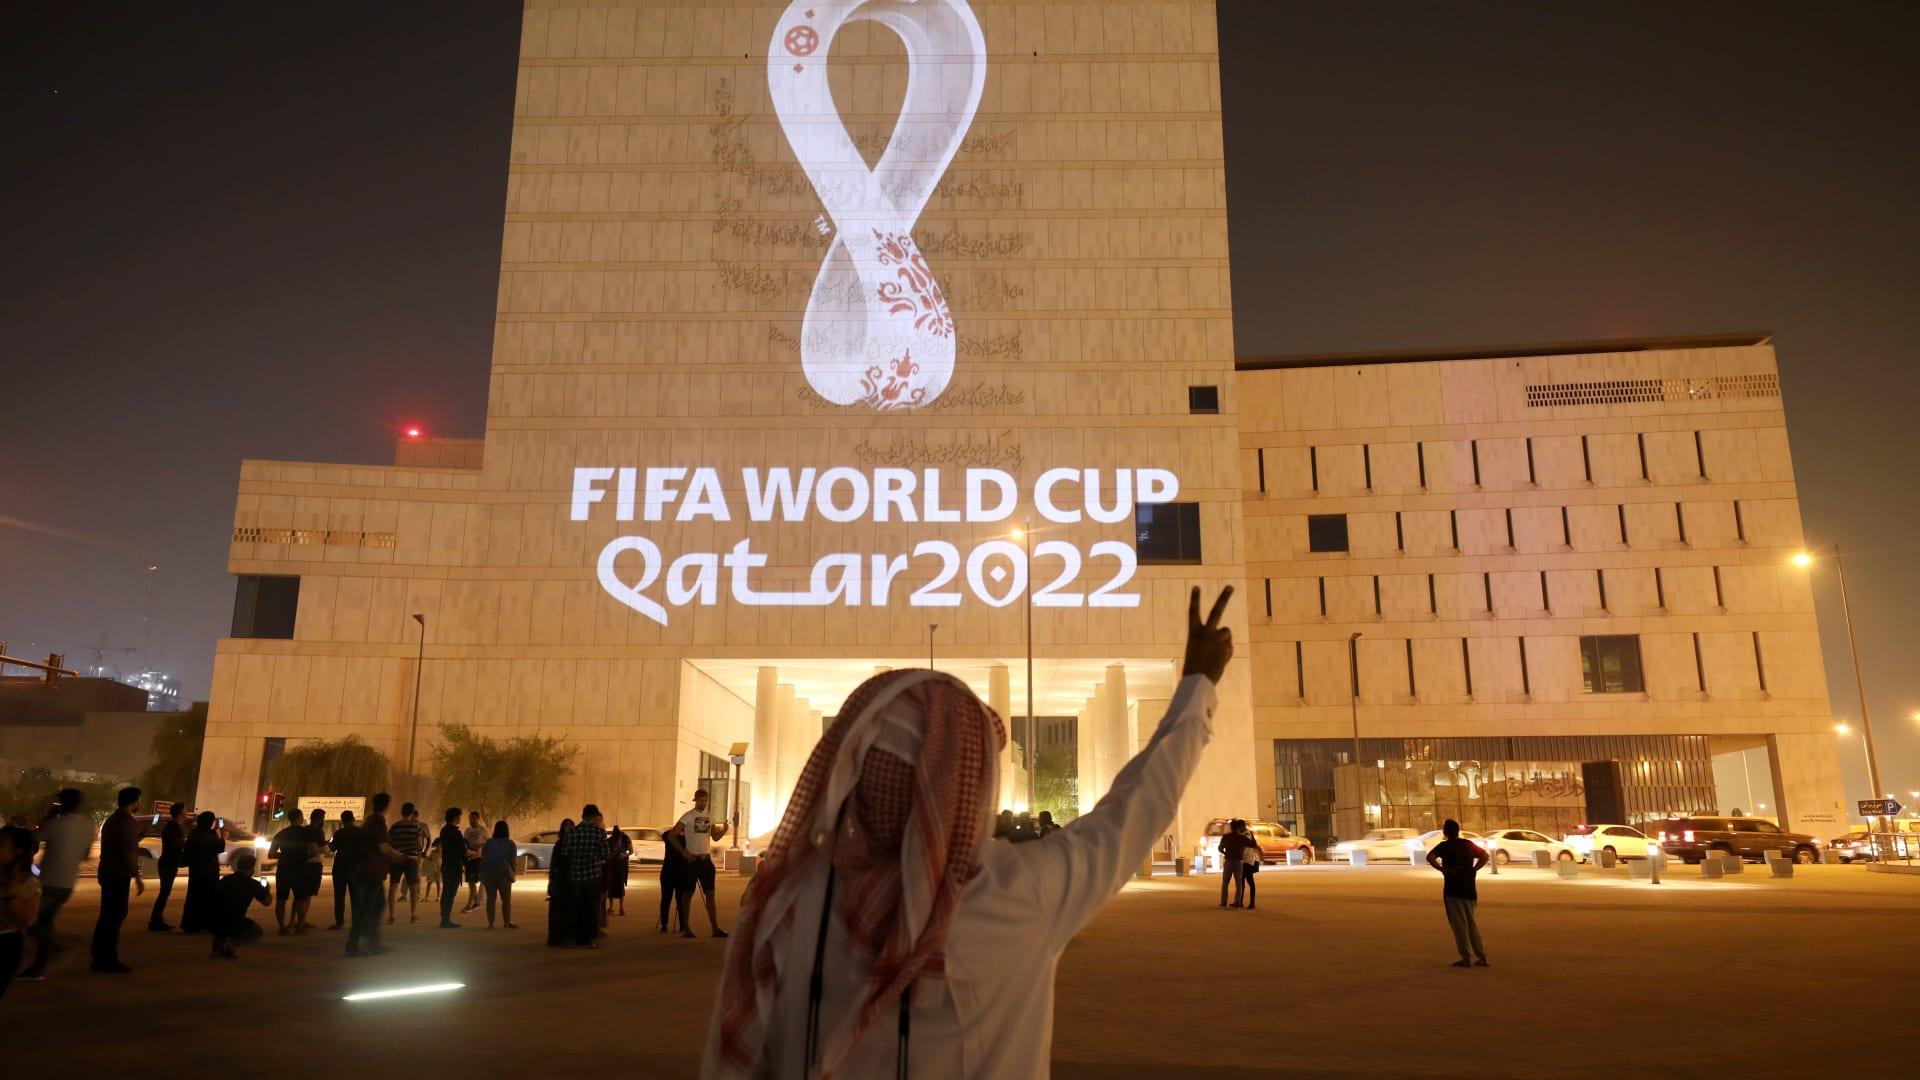 الاستعدادات لمونديال قطر 2022